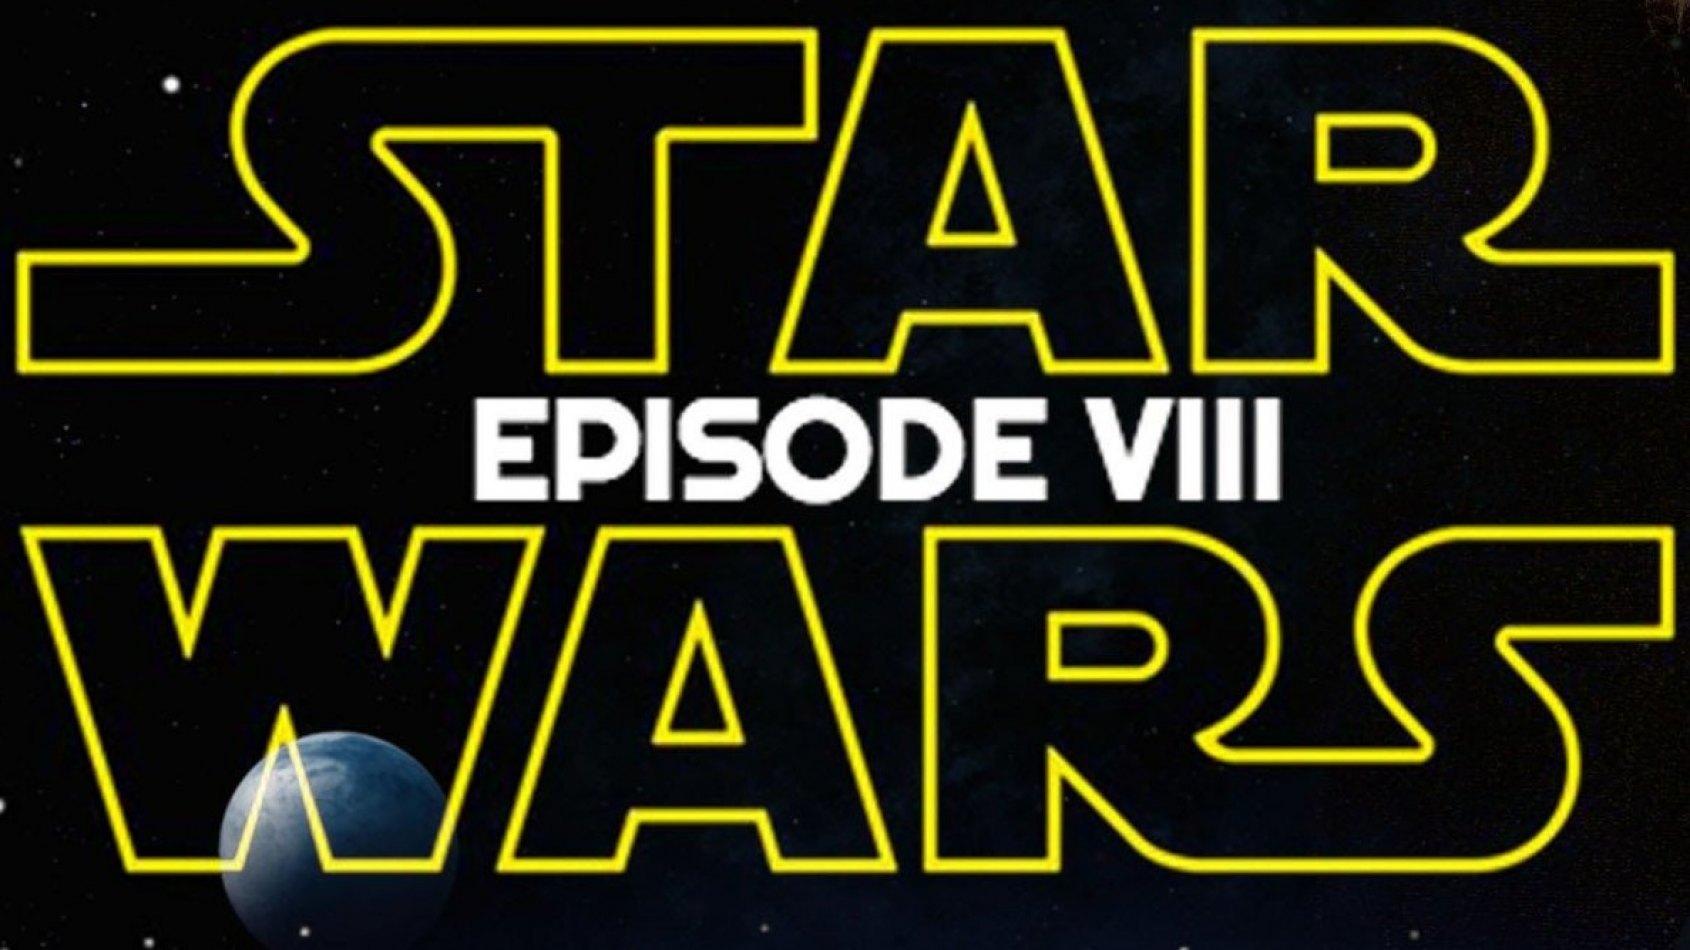 La date de sortie l'Episode VIII confirmée.